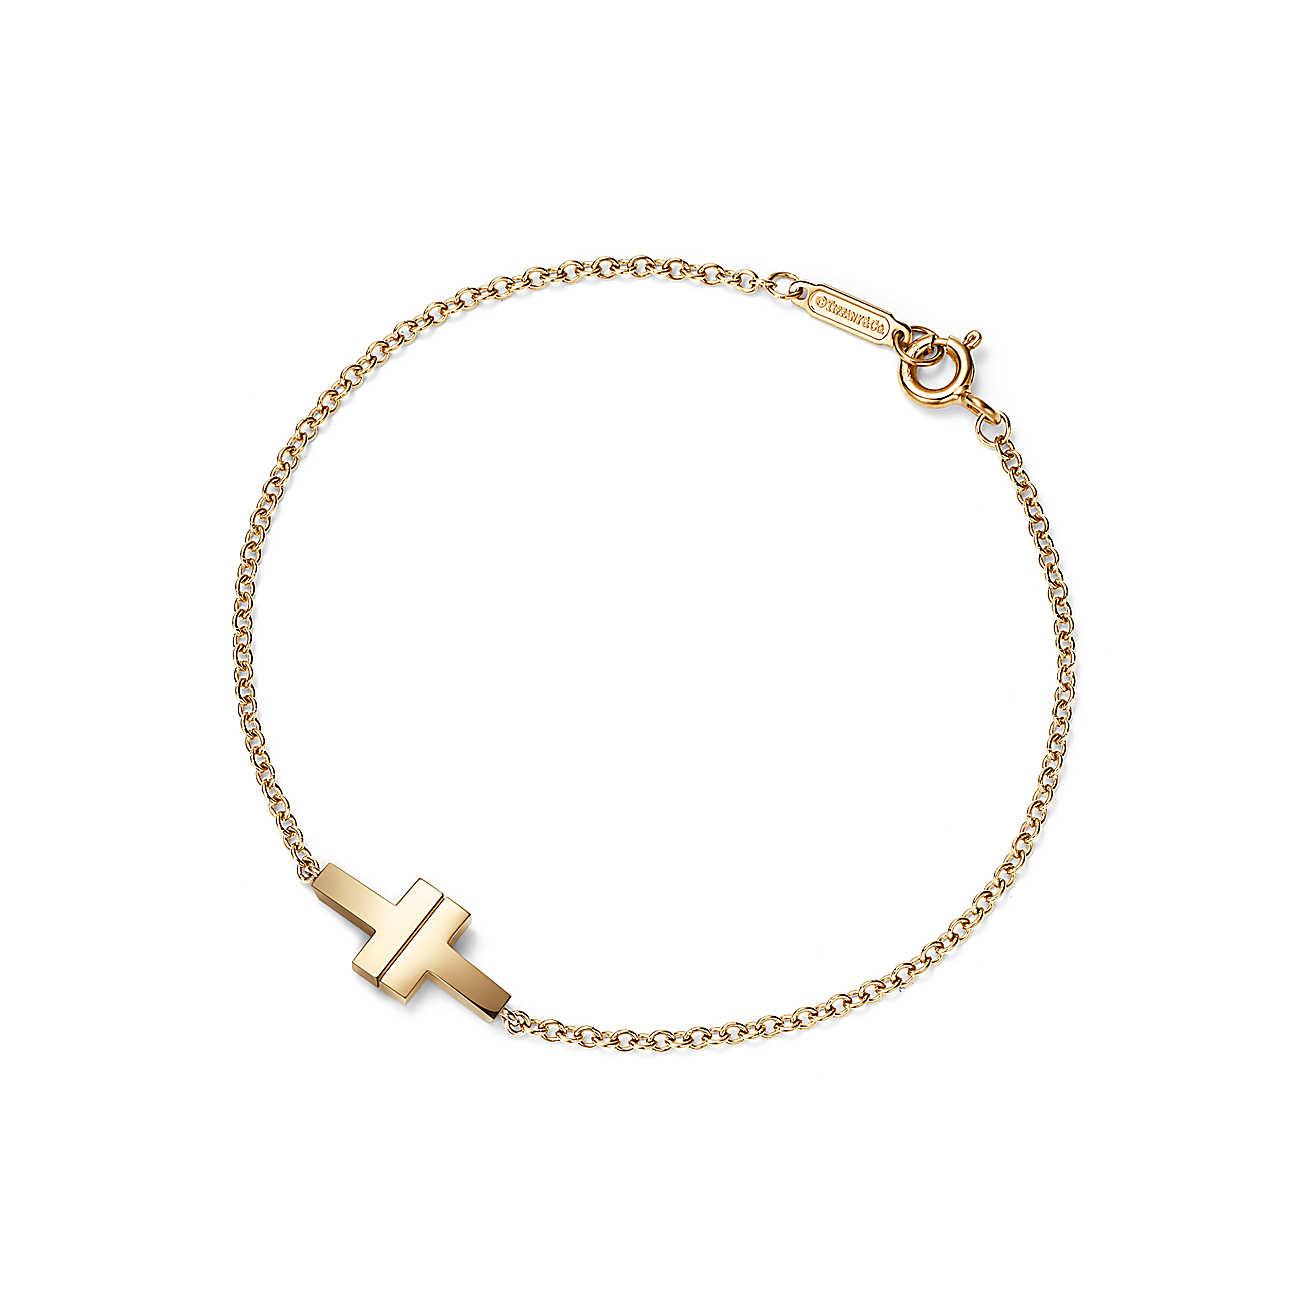 Two Single Chain Bracelet